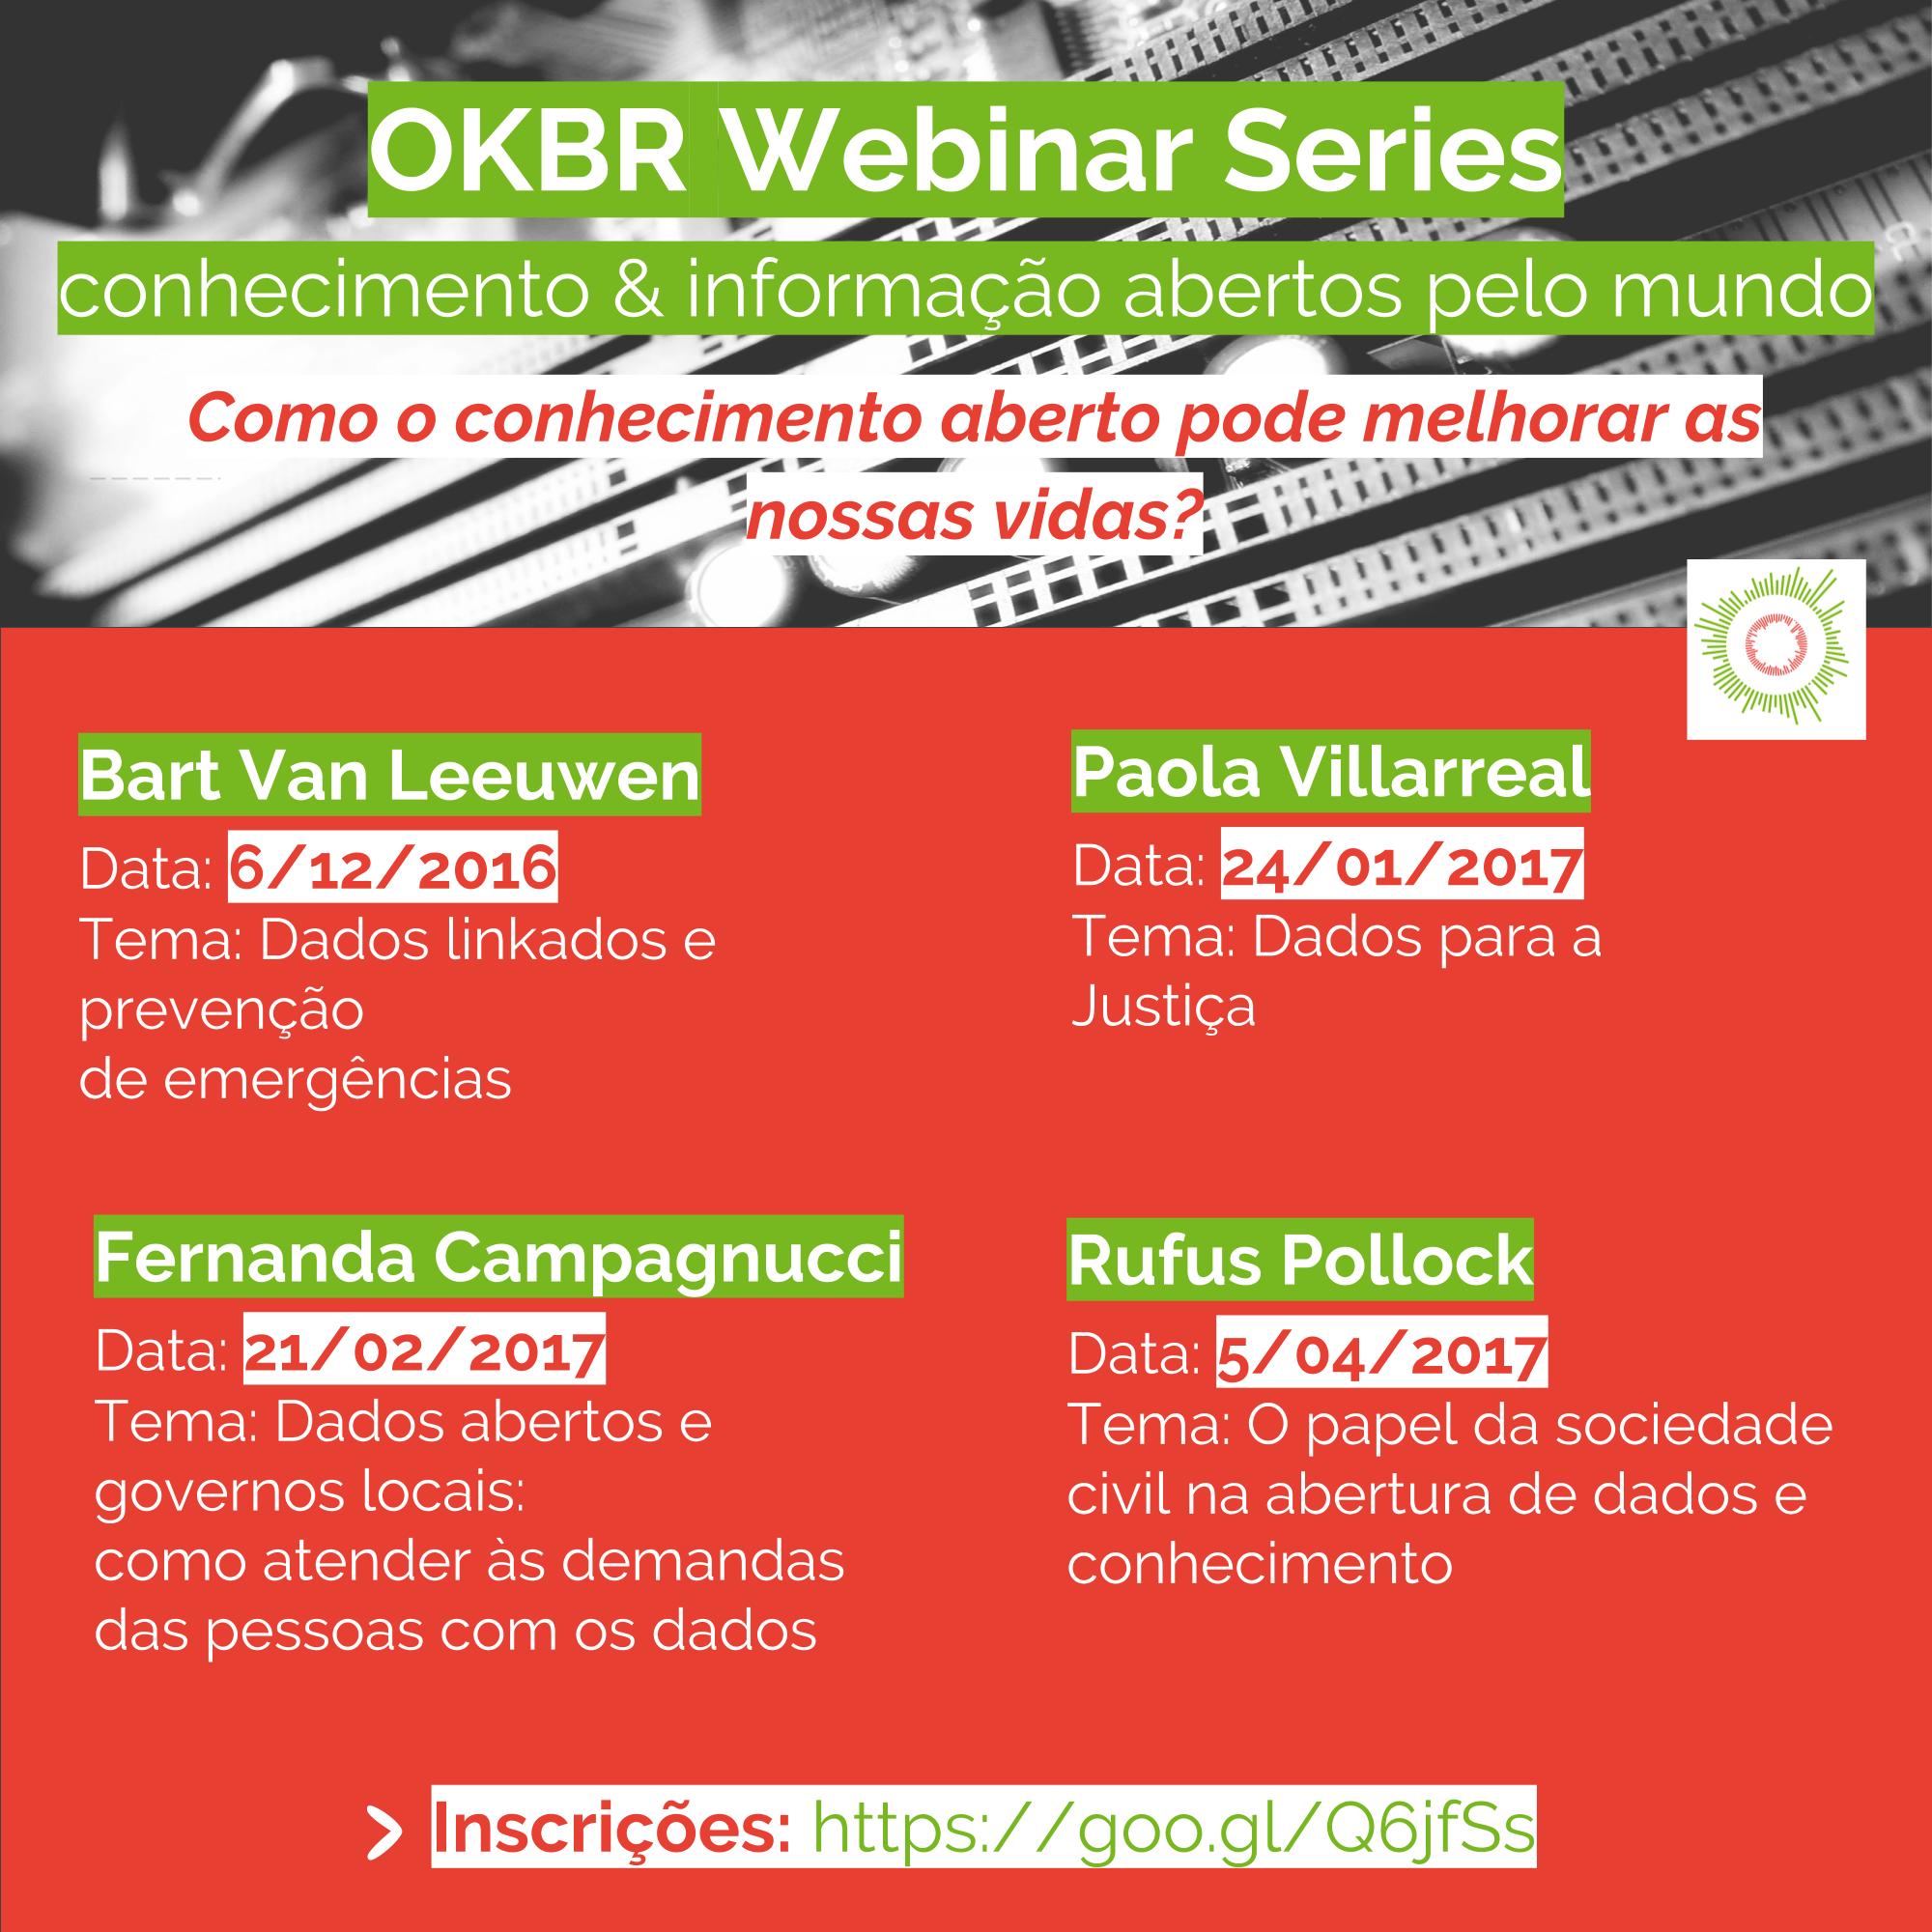 posts-openkbr-webinares-v2